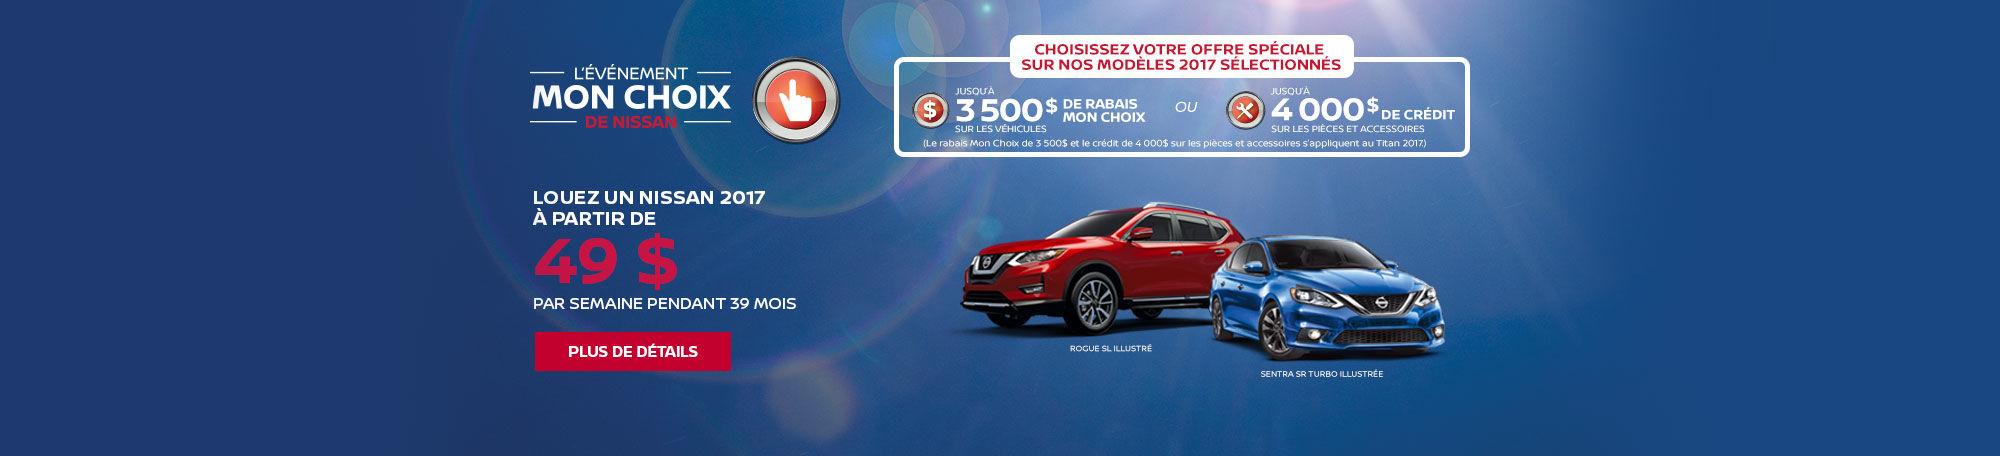 Événement Mon Choix Nissan Promo Mars